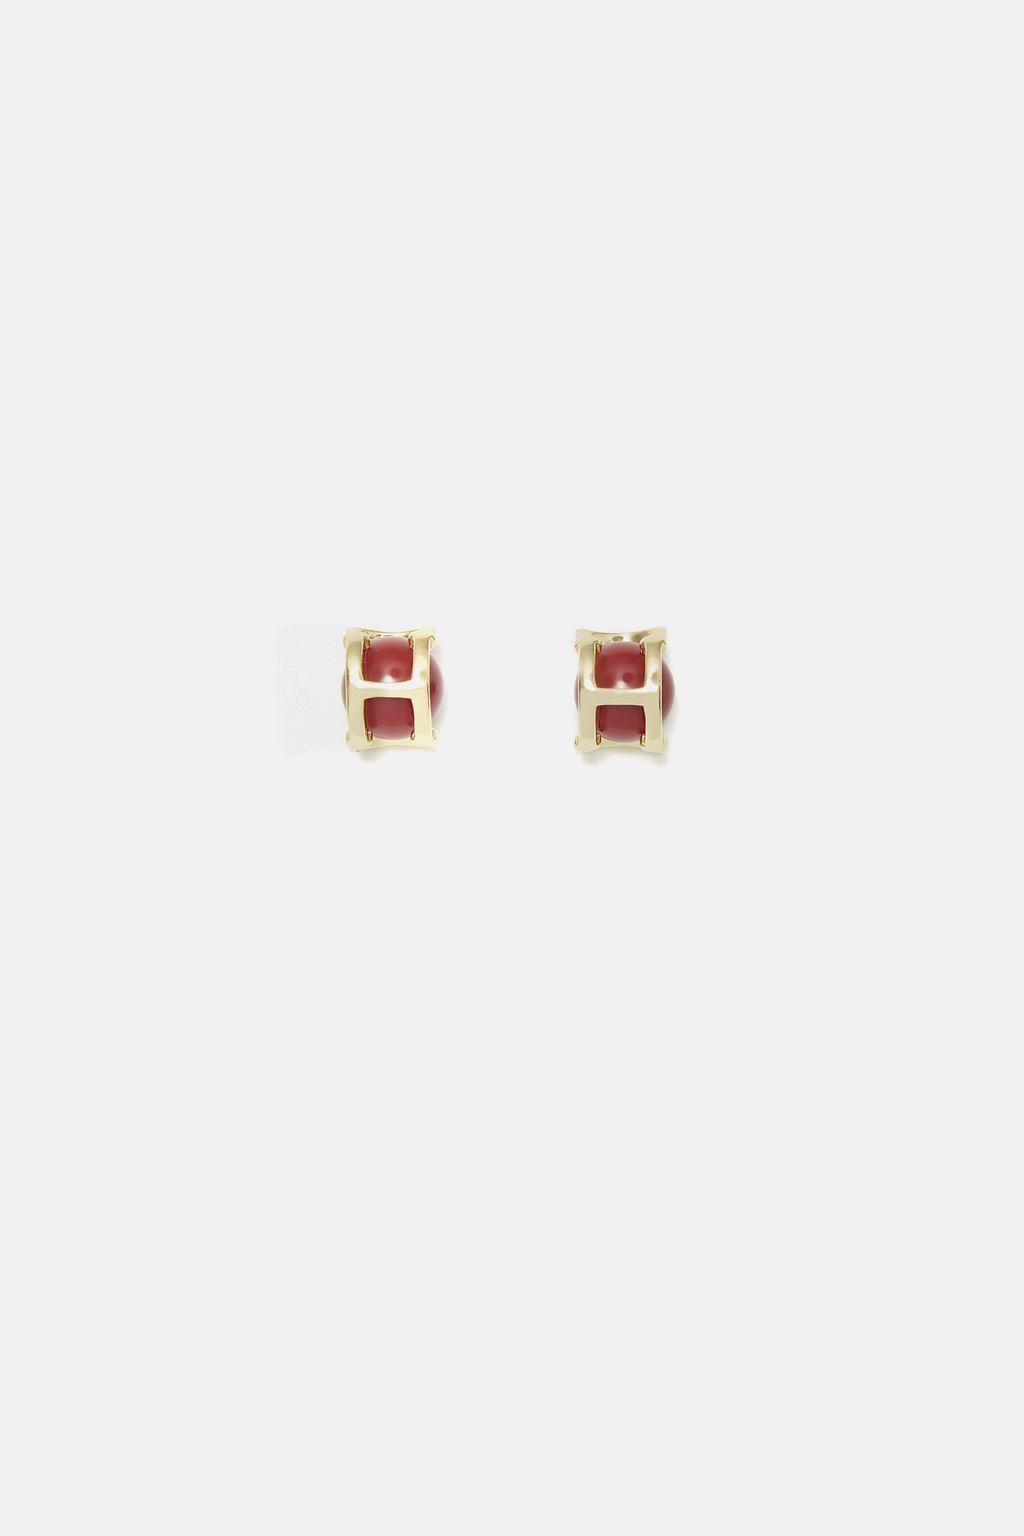 Initials Insignia earrings